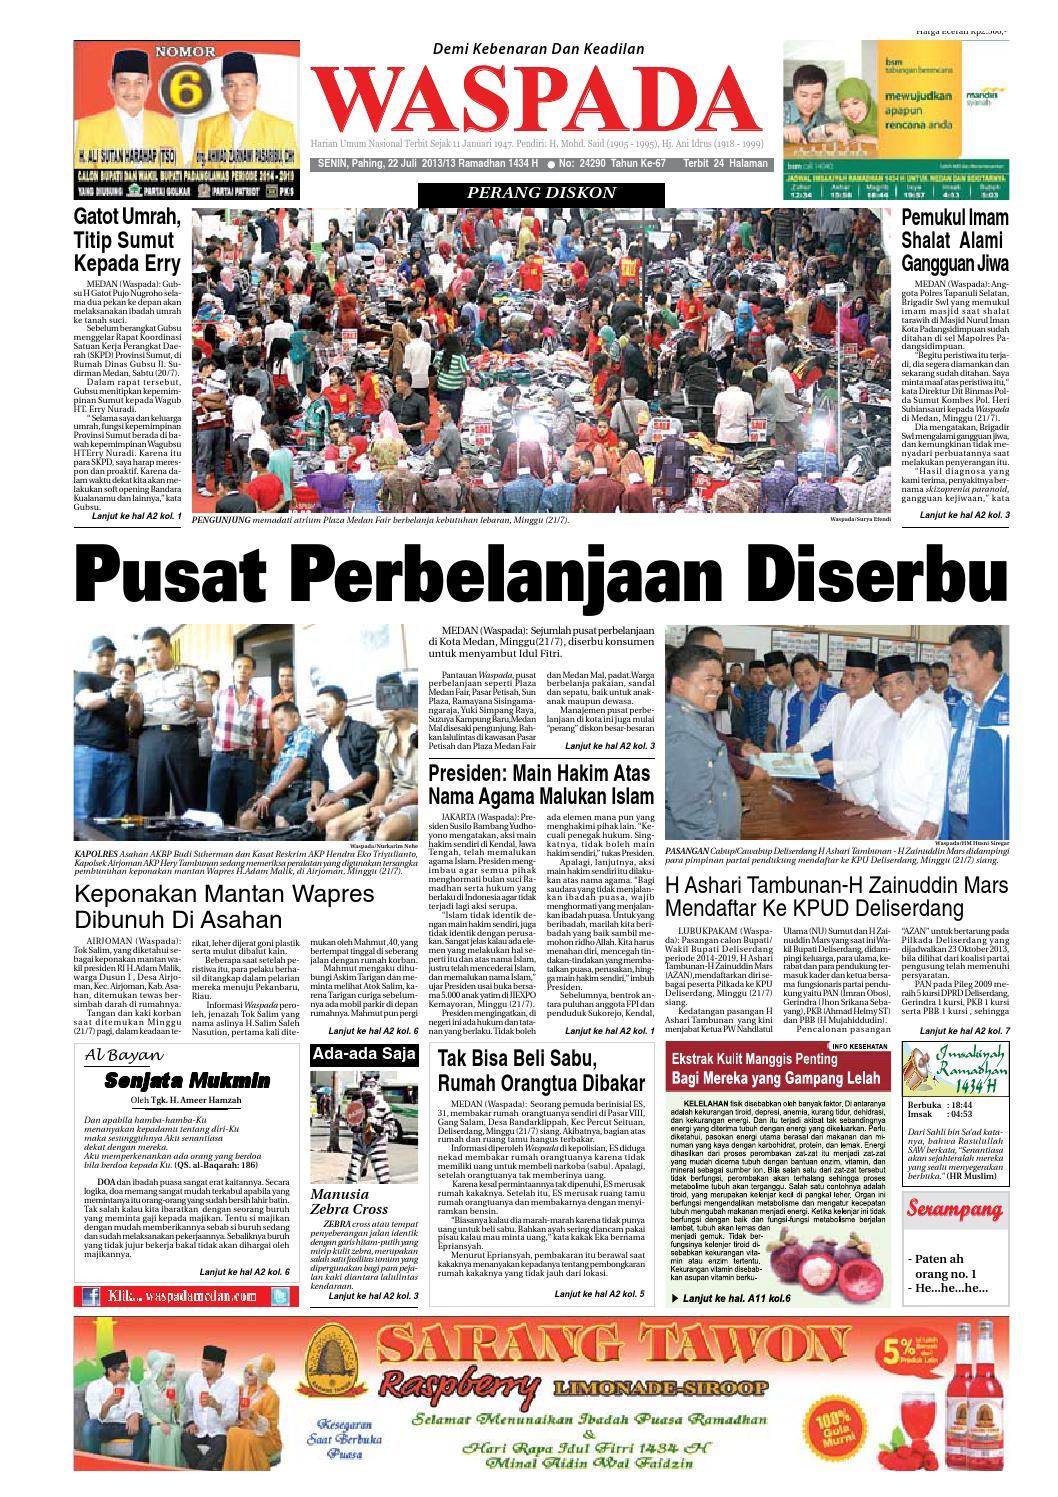 Waspada Senin 22 Juli 2013 By Harian Issuu Produk Umkm Bumn Bolu Gulung Hj Enong